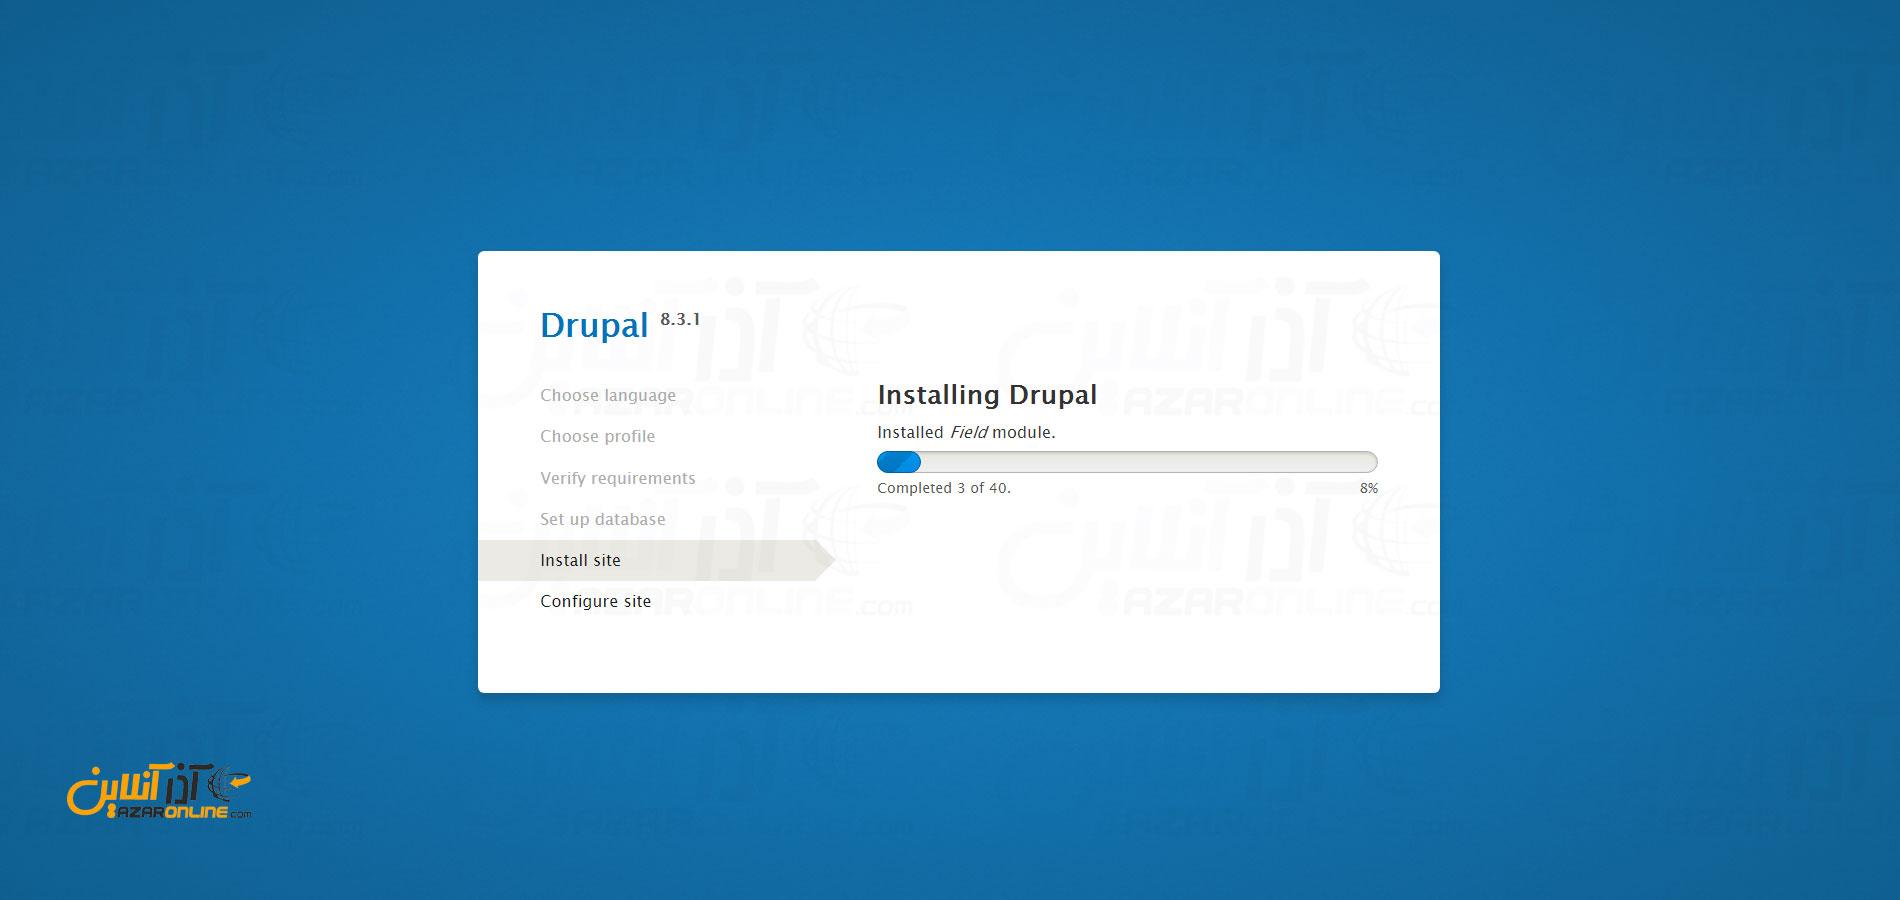 آموزش نصب دروپال در لوکال هاست - پیشرفت نصب